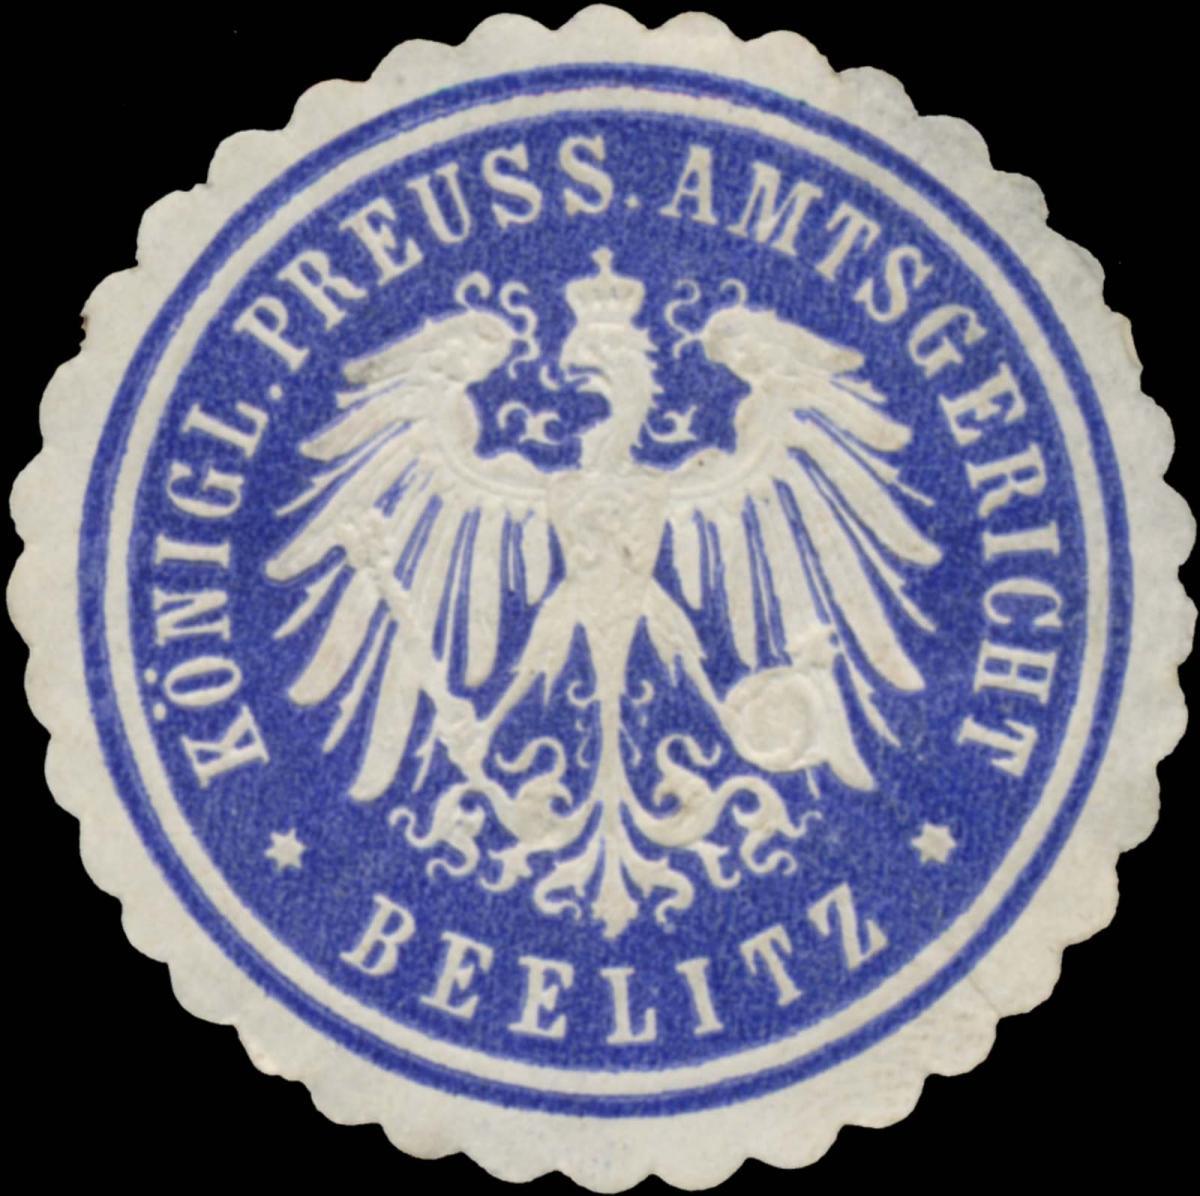 K.Pr. Amtsgericht Beelitz